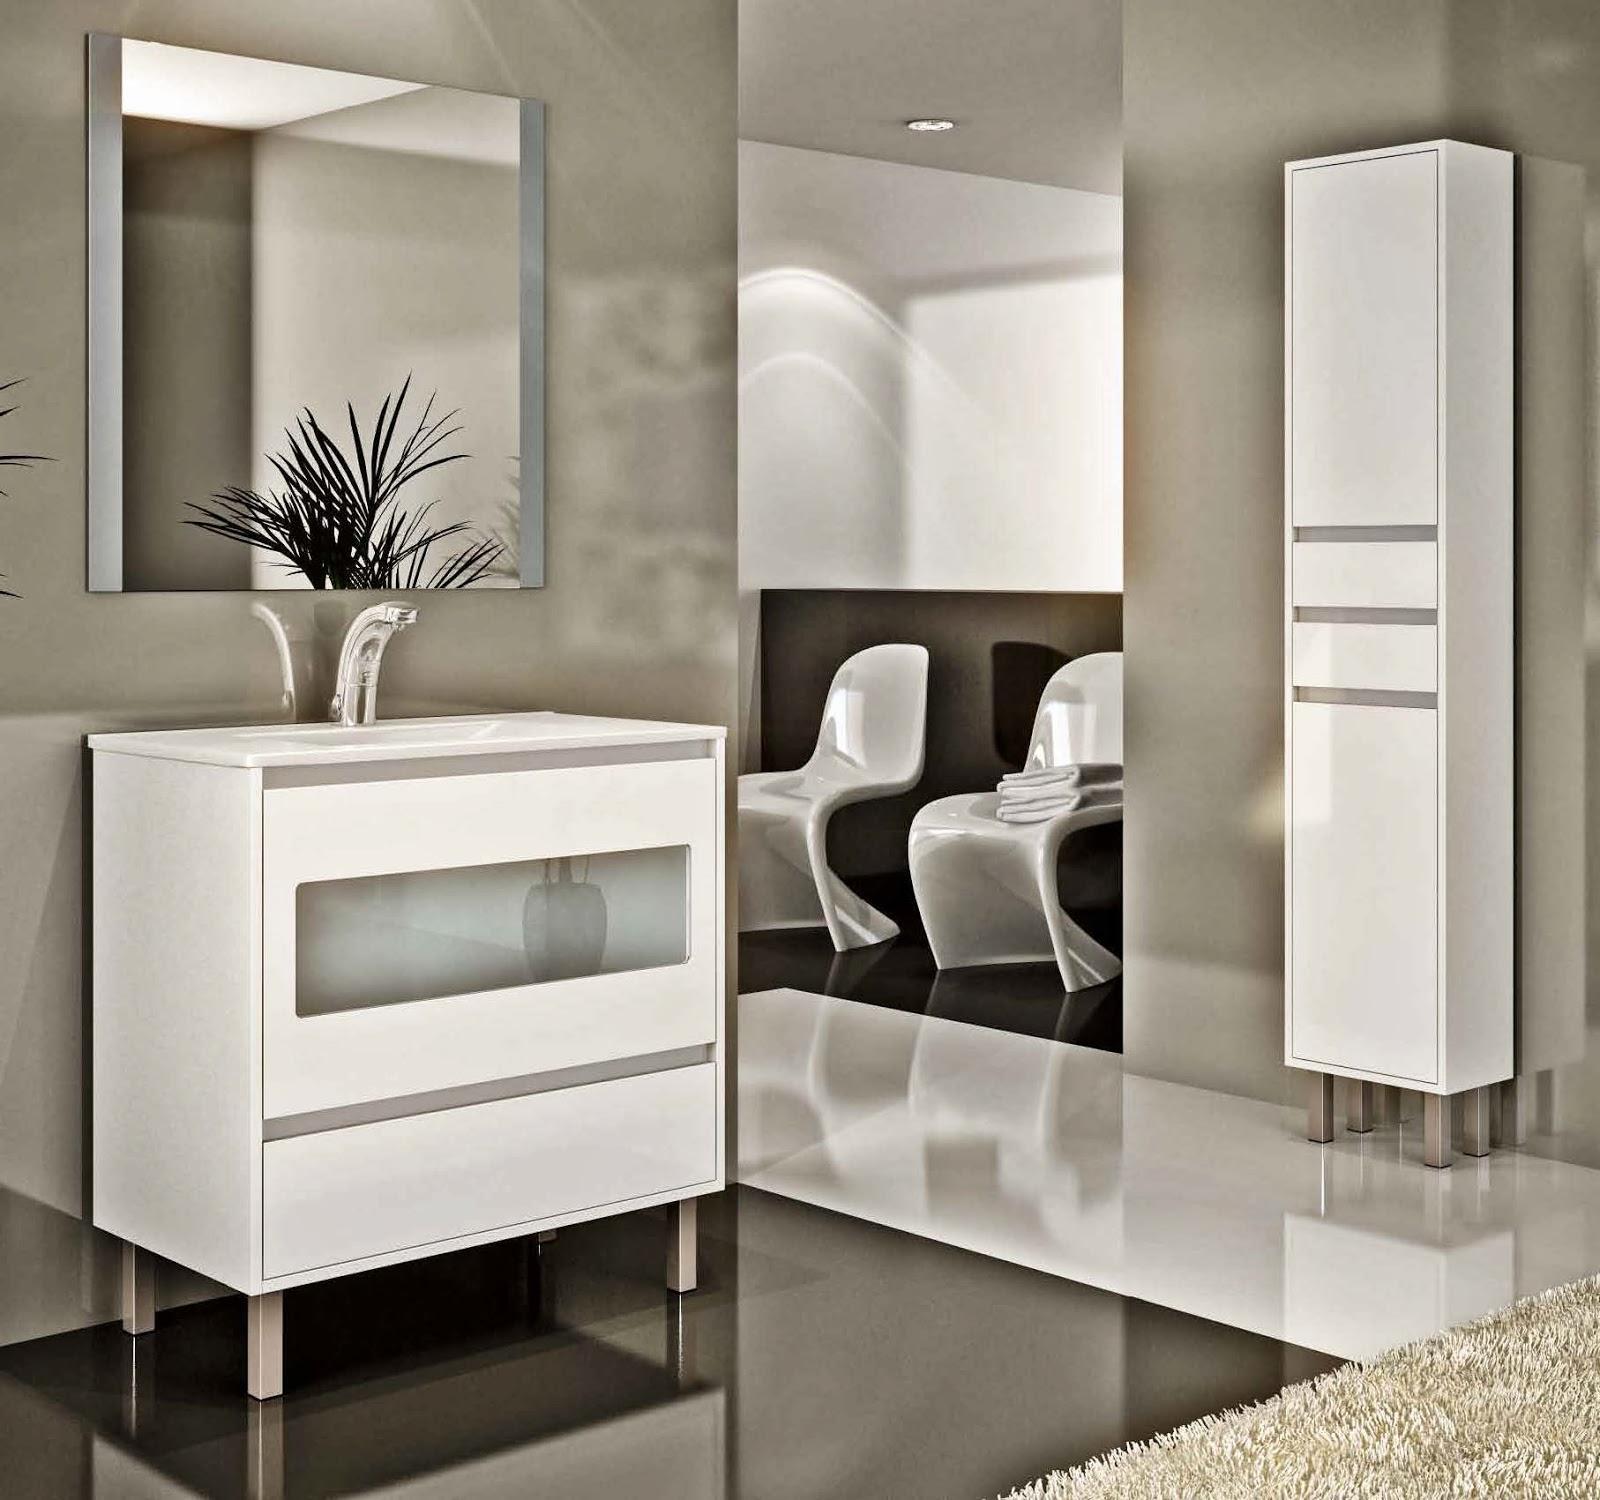 Bricolaje del agua muebles para el ba o baratos y con calidad for Conjunto accesorios bano baratos